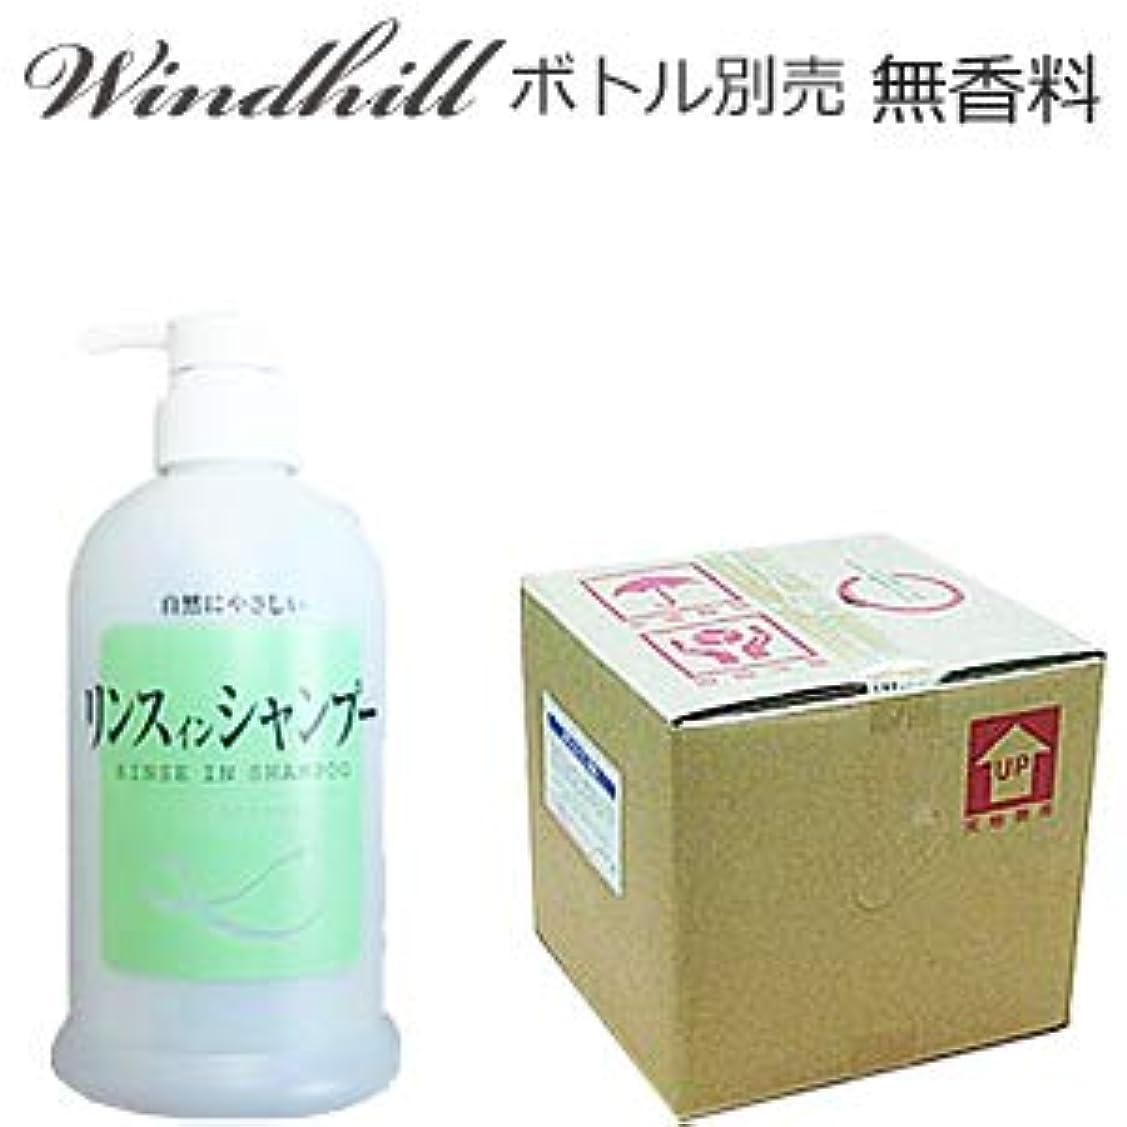 懲らしめ成分突然Windhill 植物性 業務用ボディソープ 無香料 20L(1セット20L入)